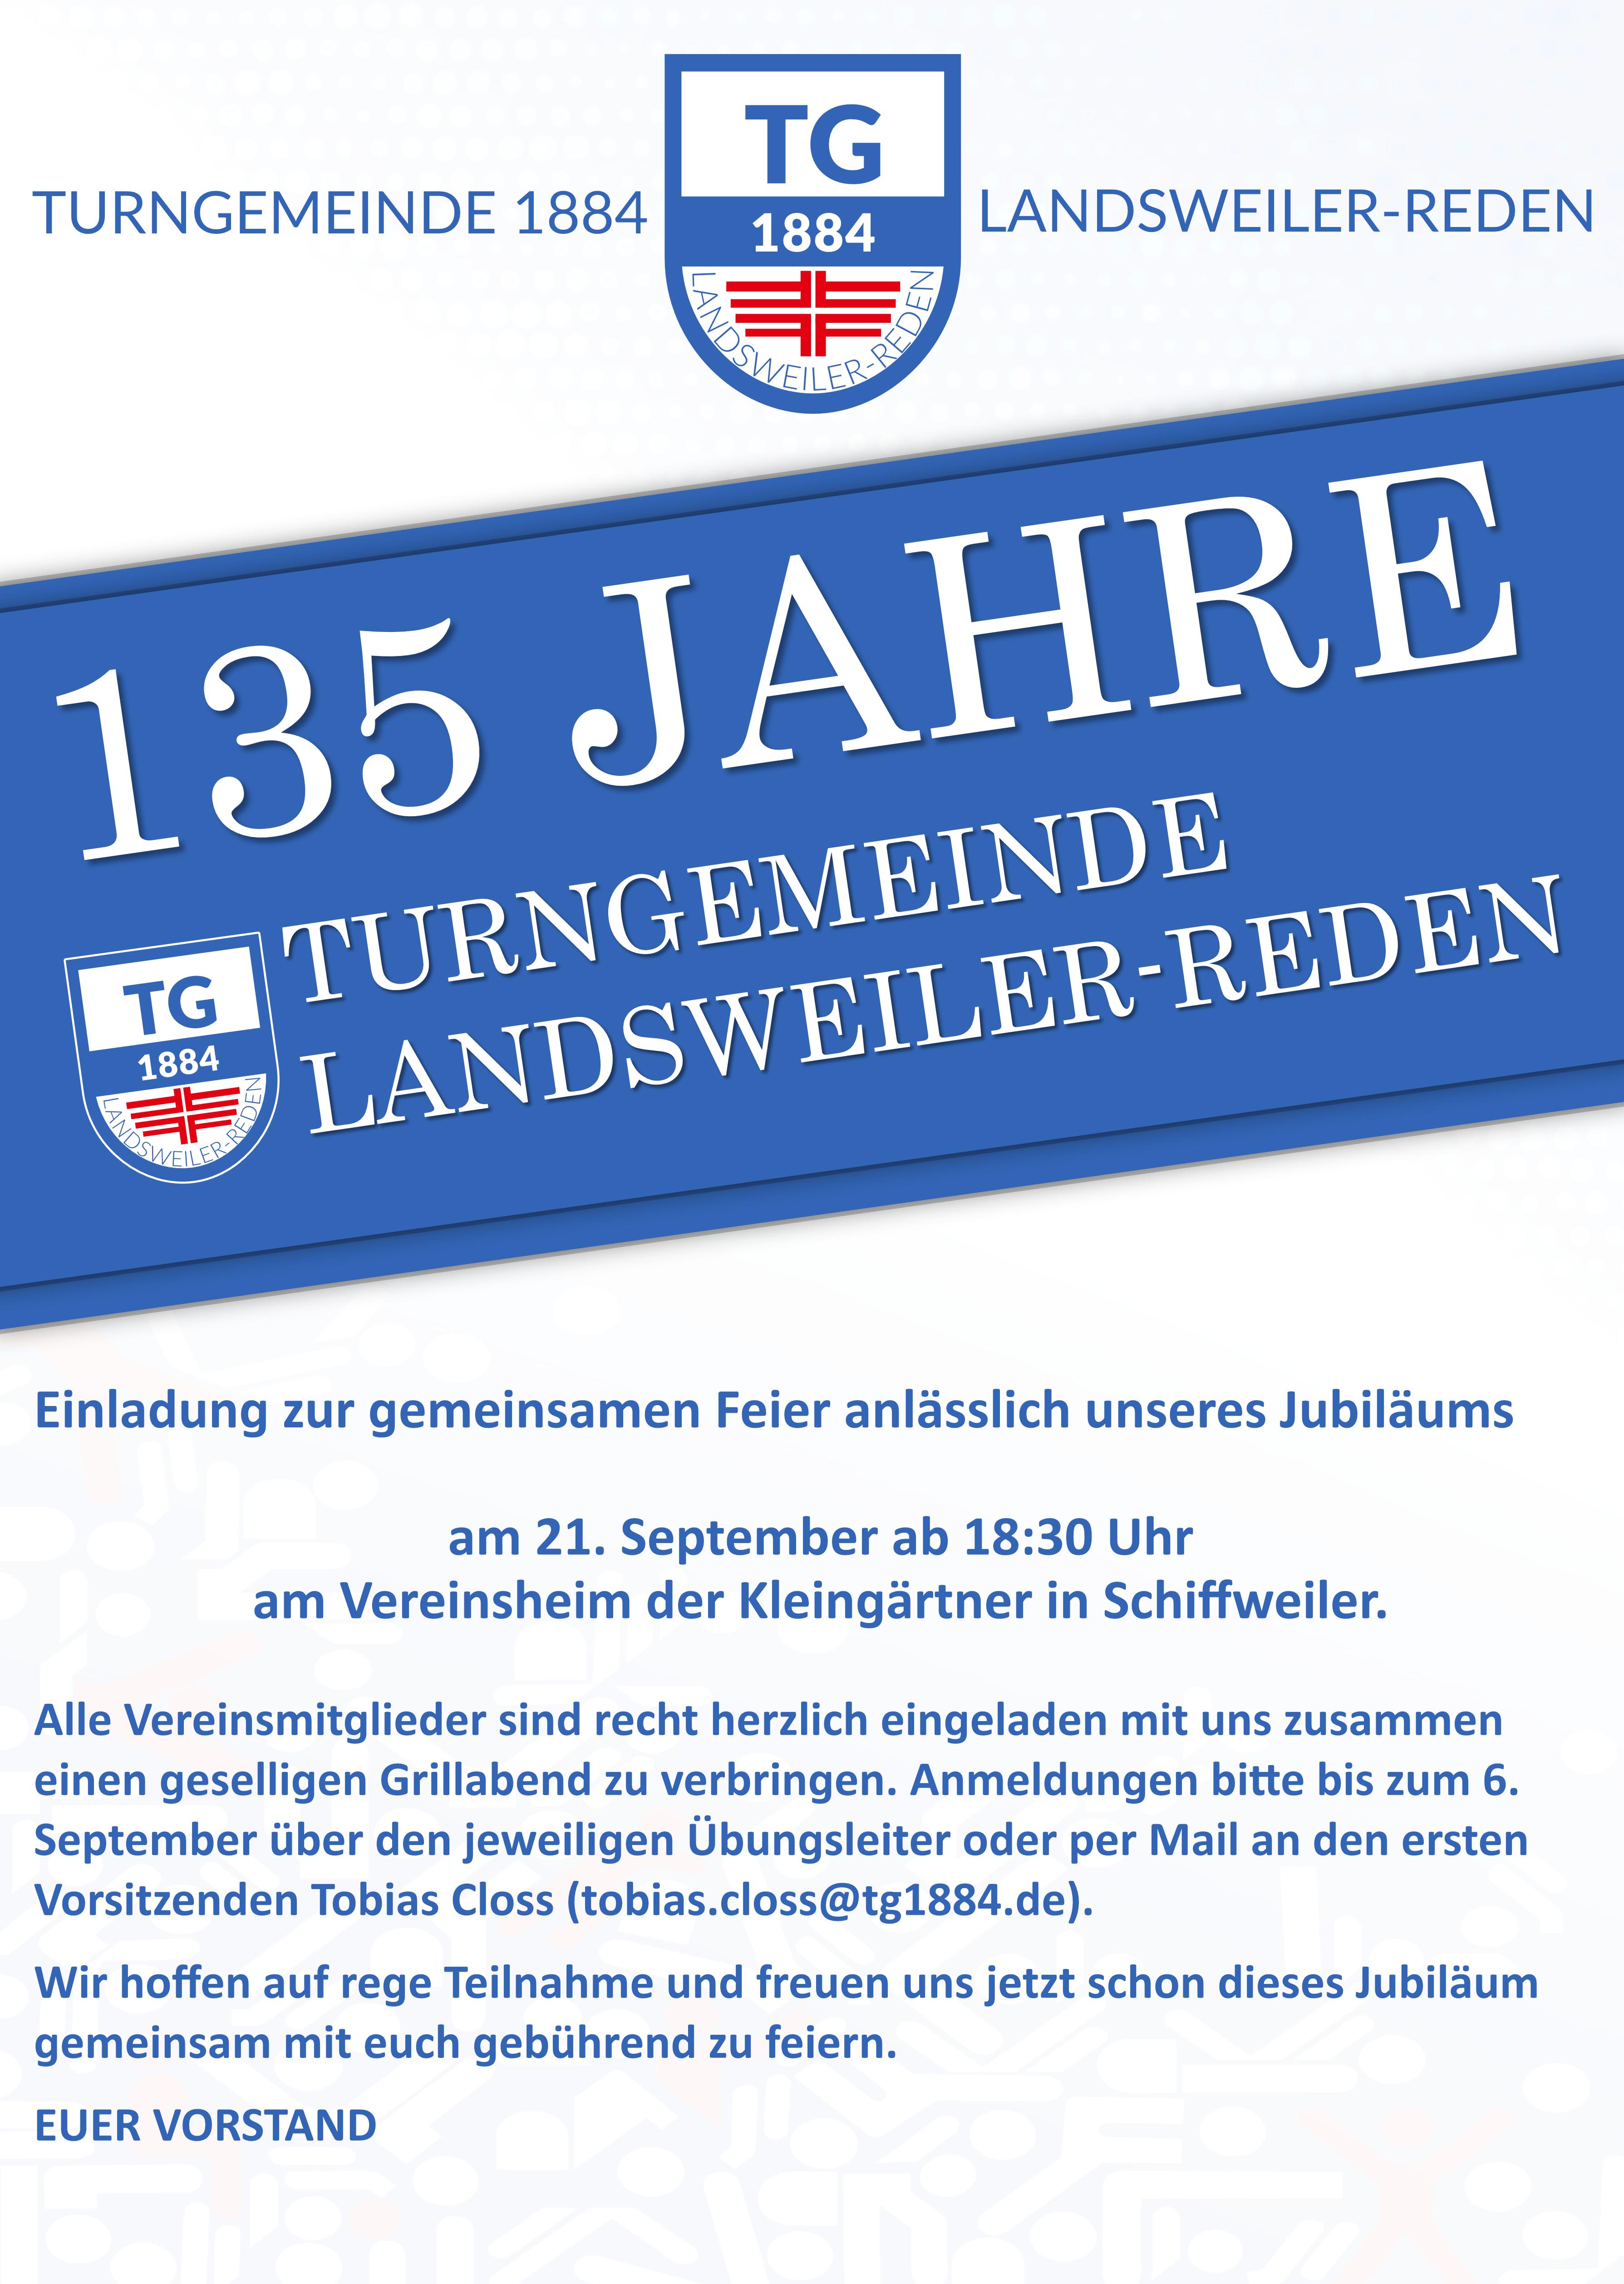 135 Jahre TG 1884 Landsweiler-Reden e.V.